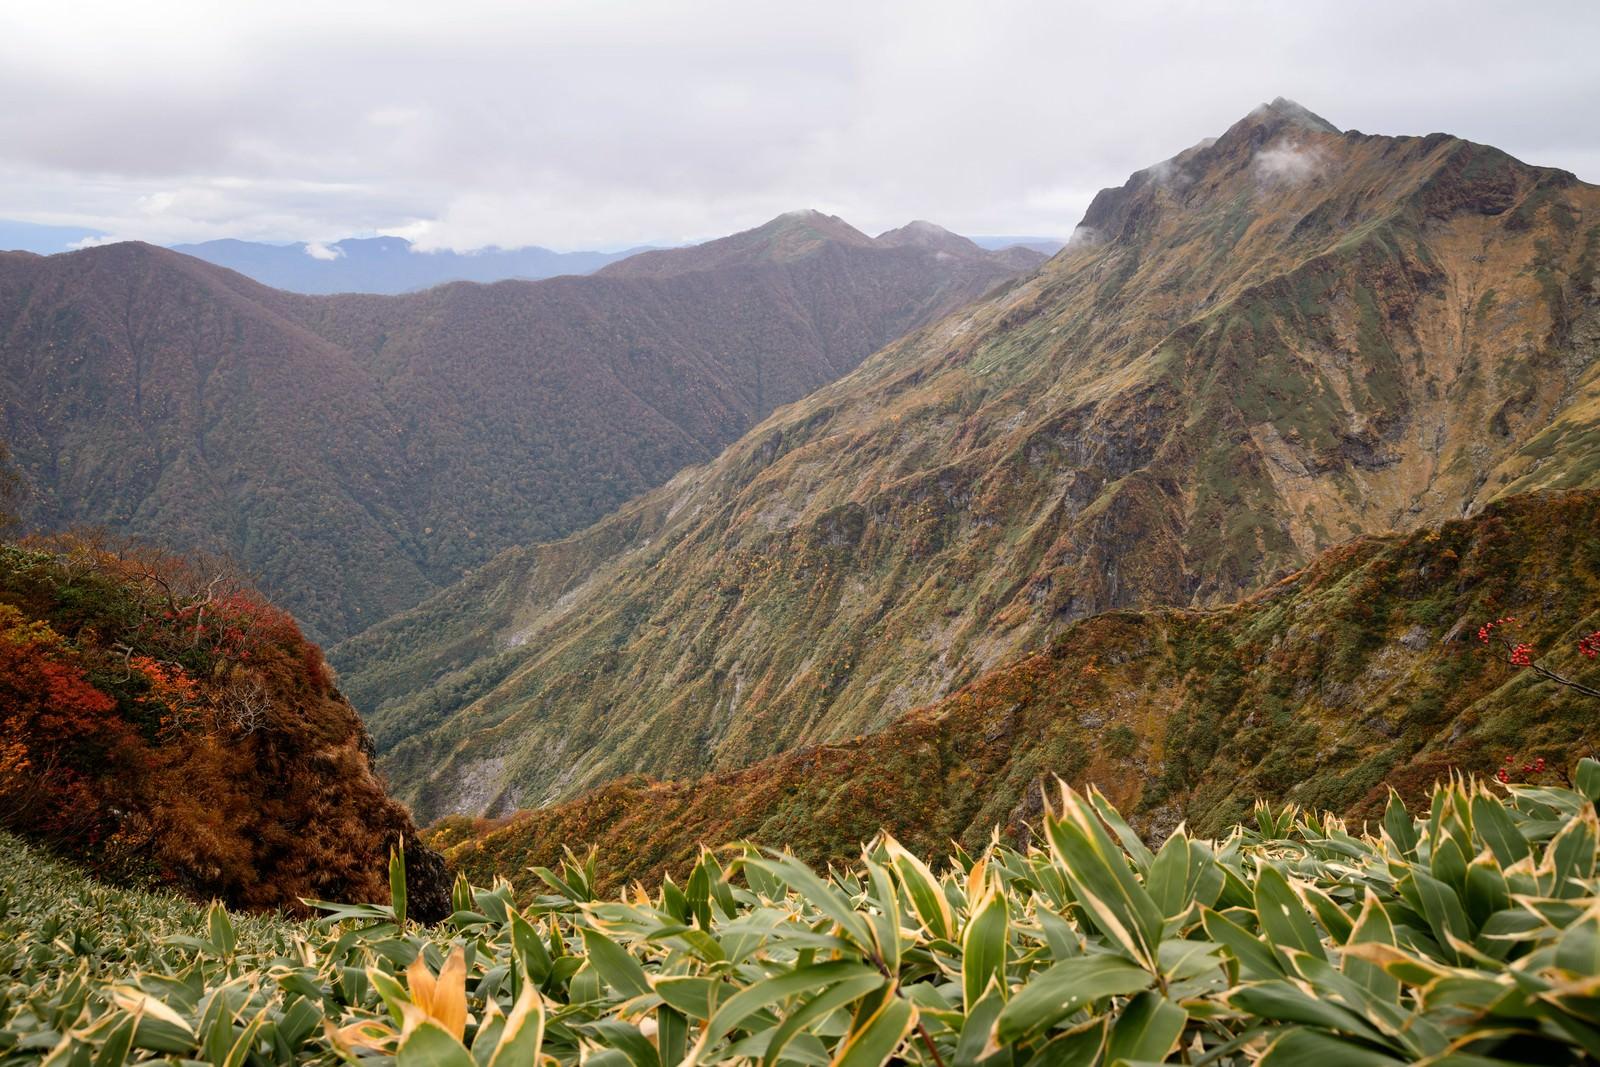 「谷川連峰の高山植物」の写真